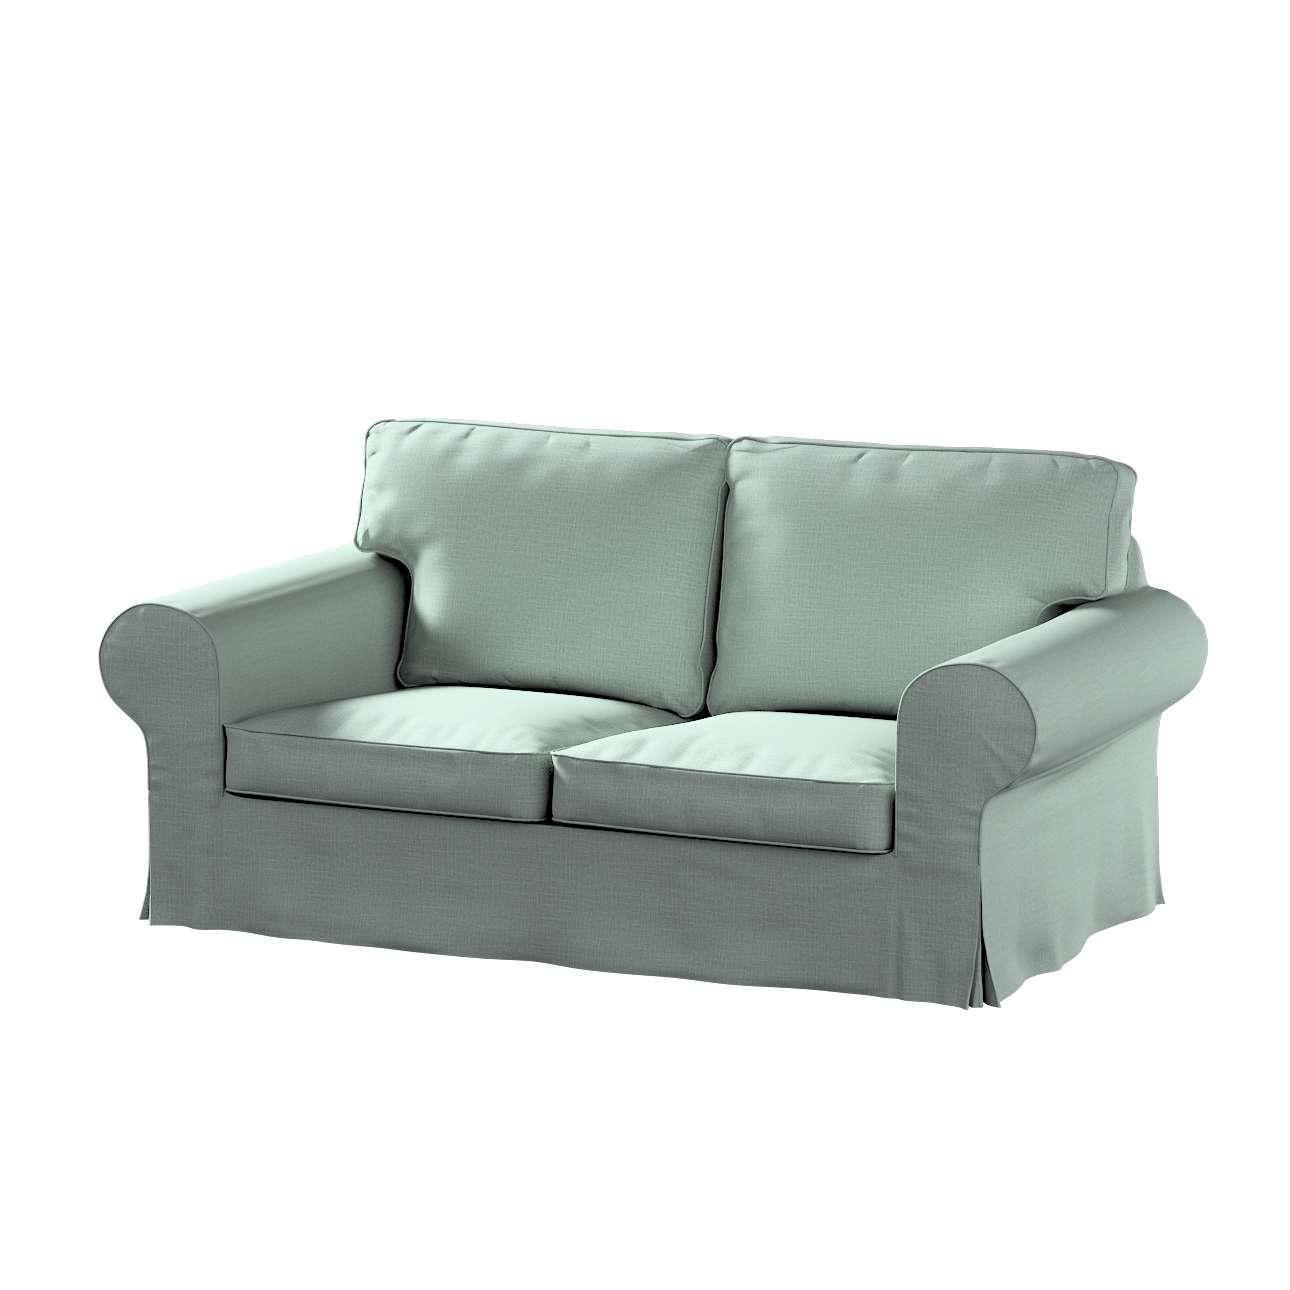 Pokrowiec na sofę Ektorp 2-osobową, rozkładaną, model do 2012 w kolekcji Living II, tkanina: 160-86